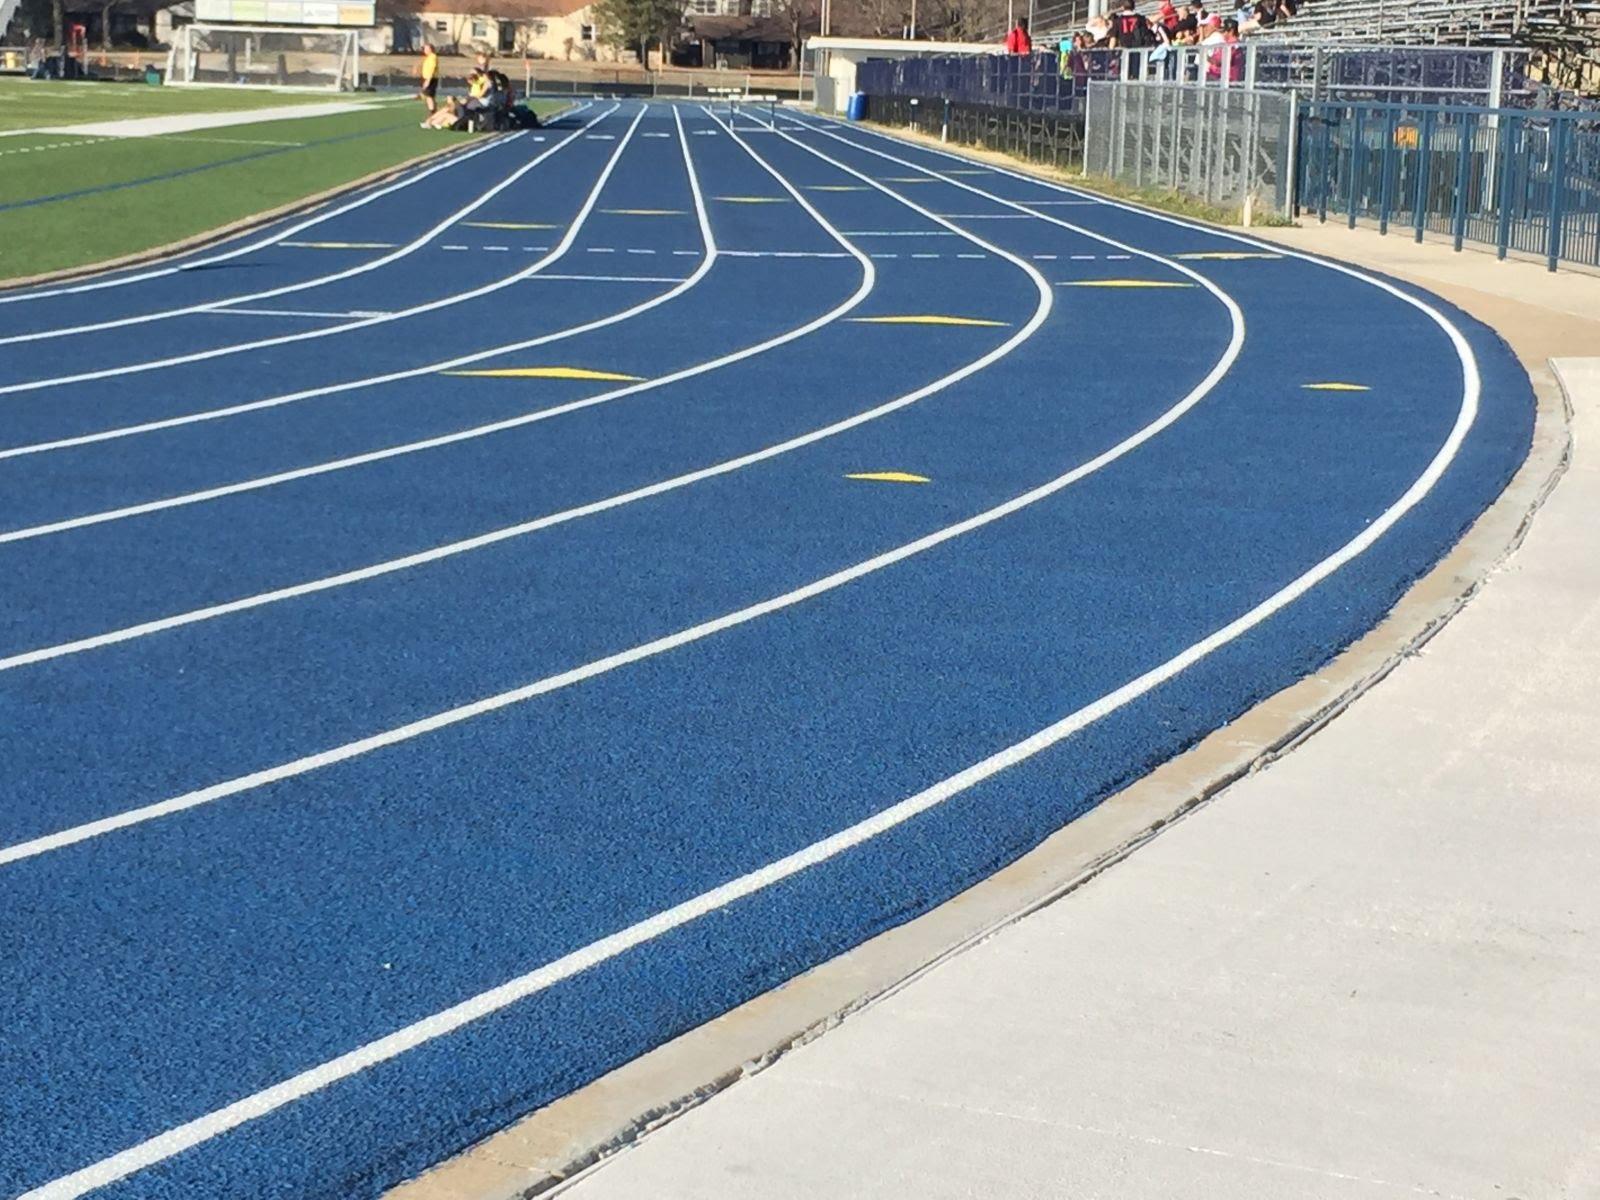 Resurfaced Track